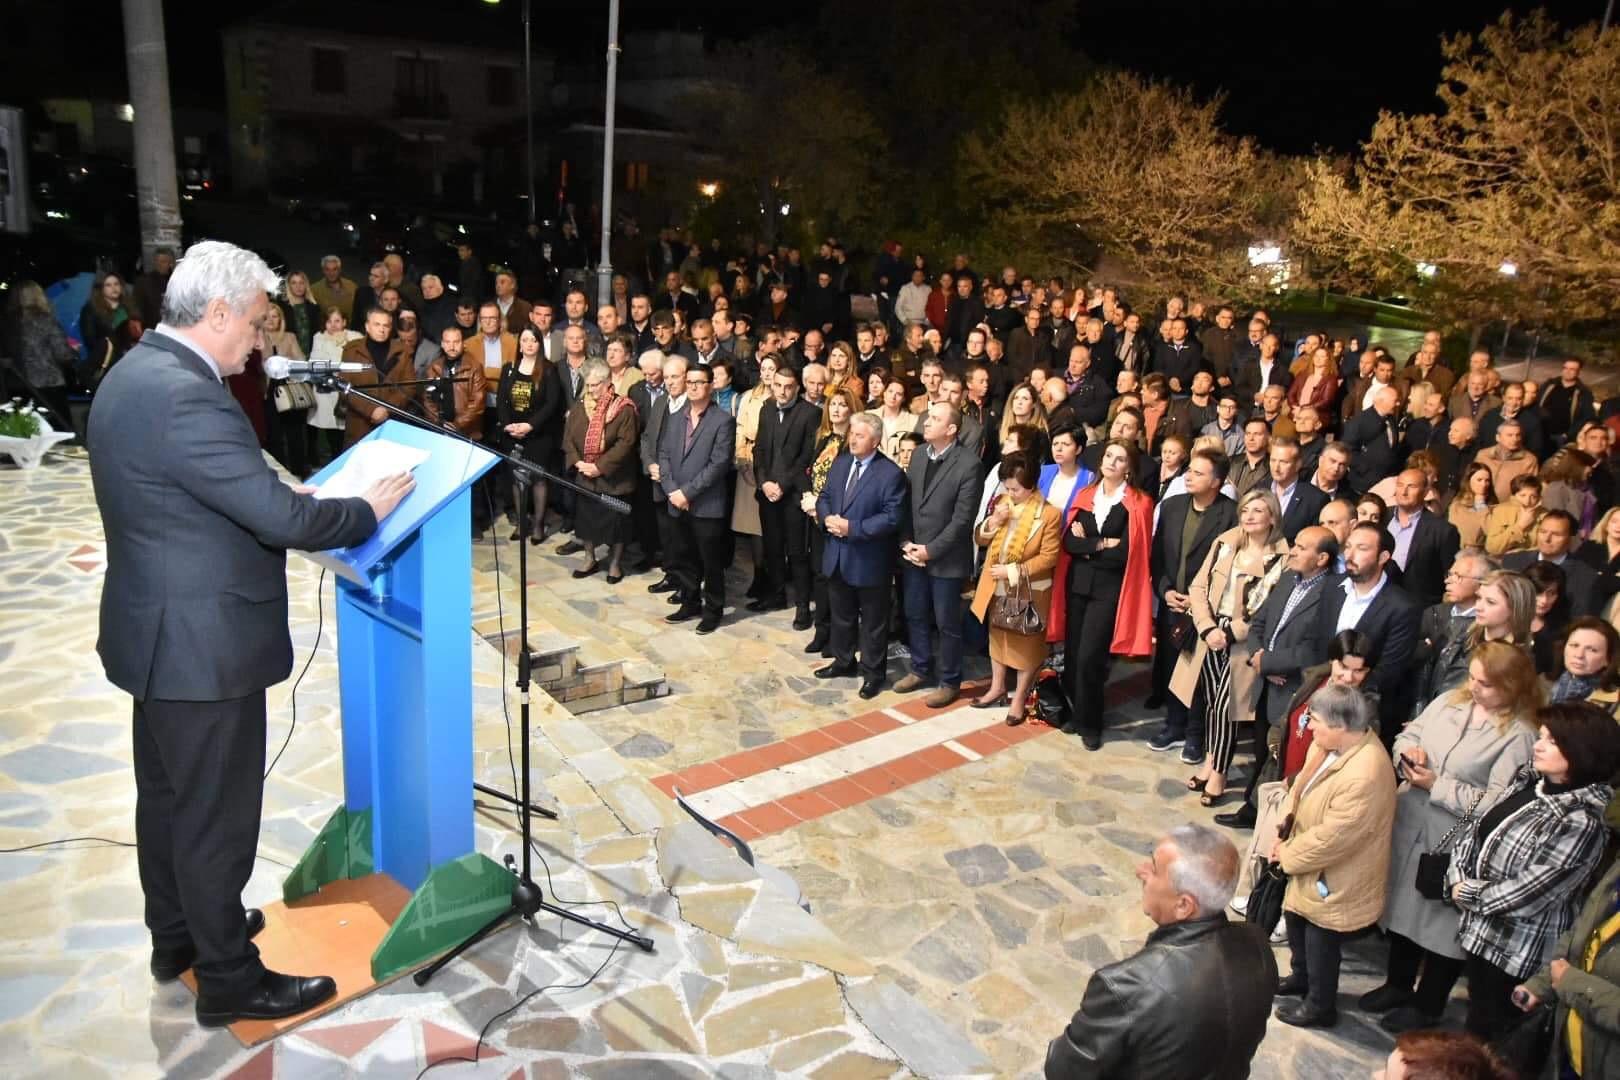 Λαζόπουλος-Ντενίση: Όχι μόνο συμφιλιώθηκαν… έκαναν και κάτι άλλο μαζί (pics)